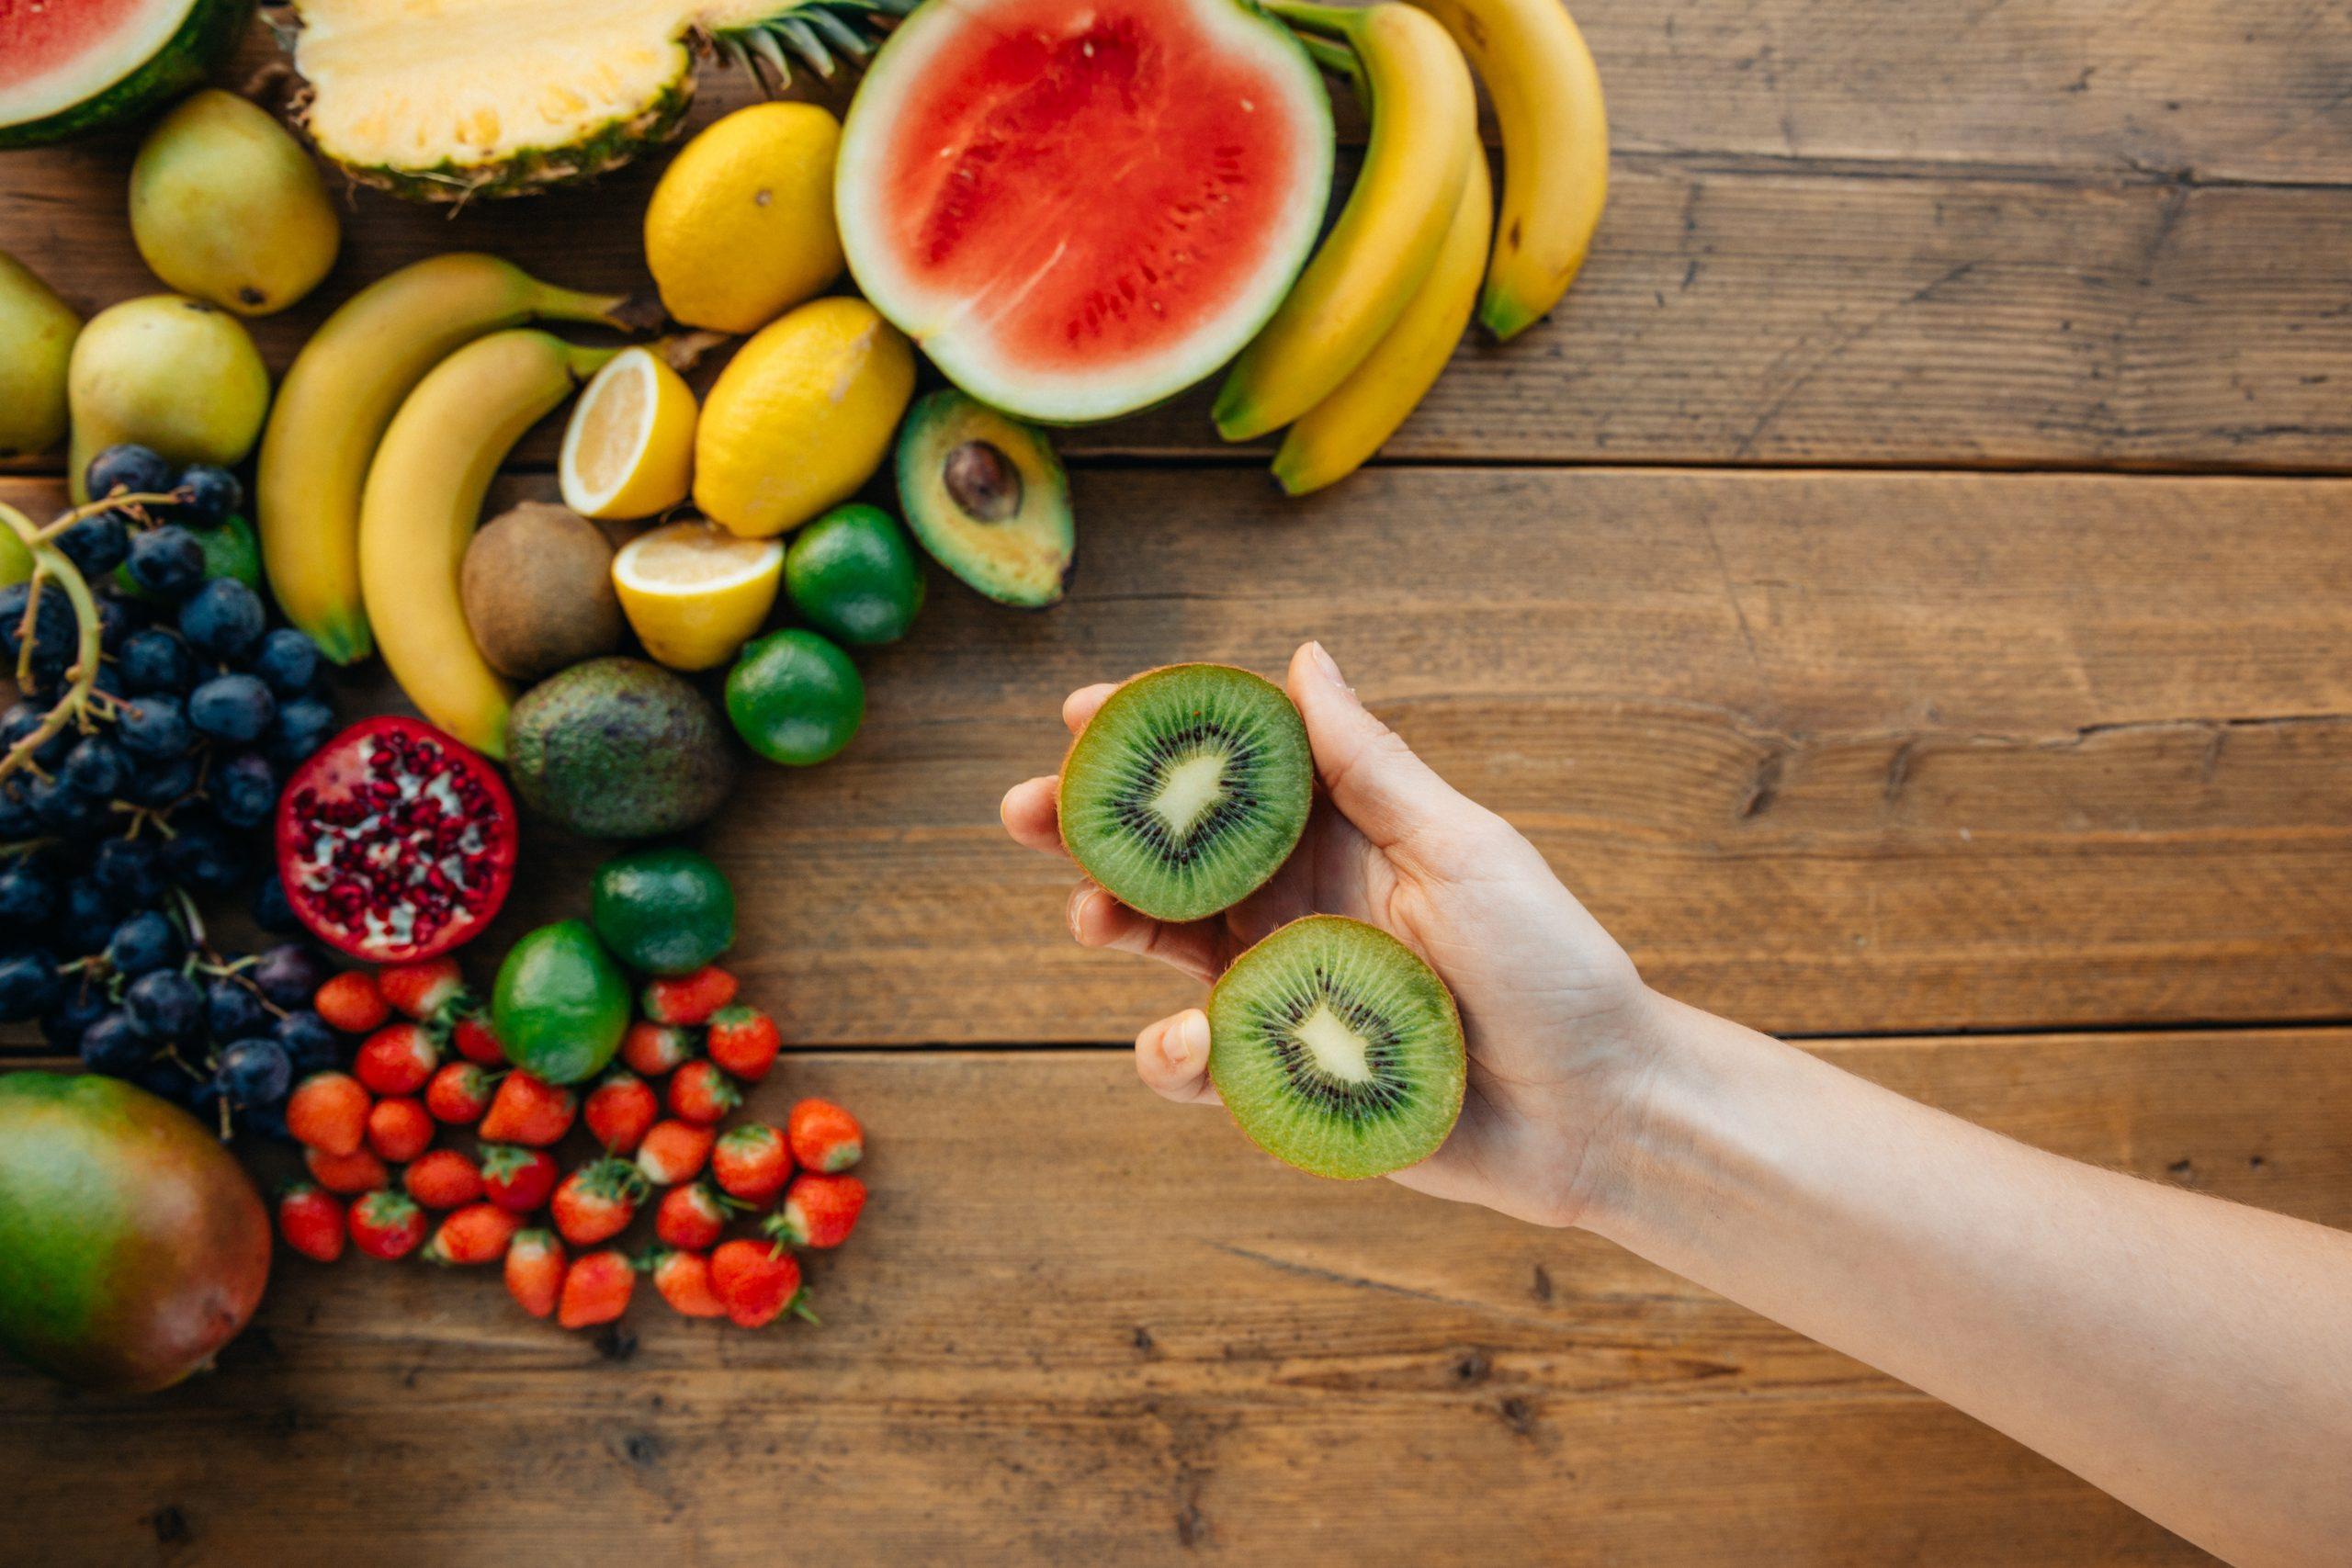 Rodajas de manzana verde y otras frutas en mesa de madera